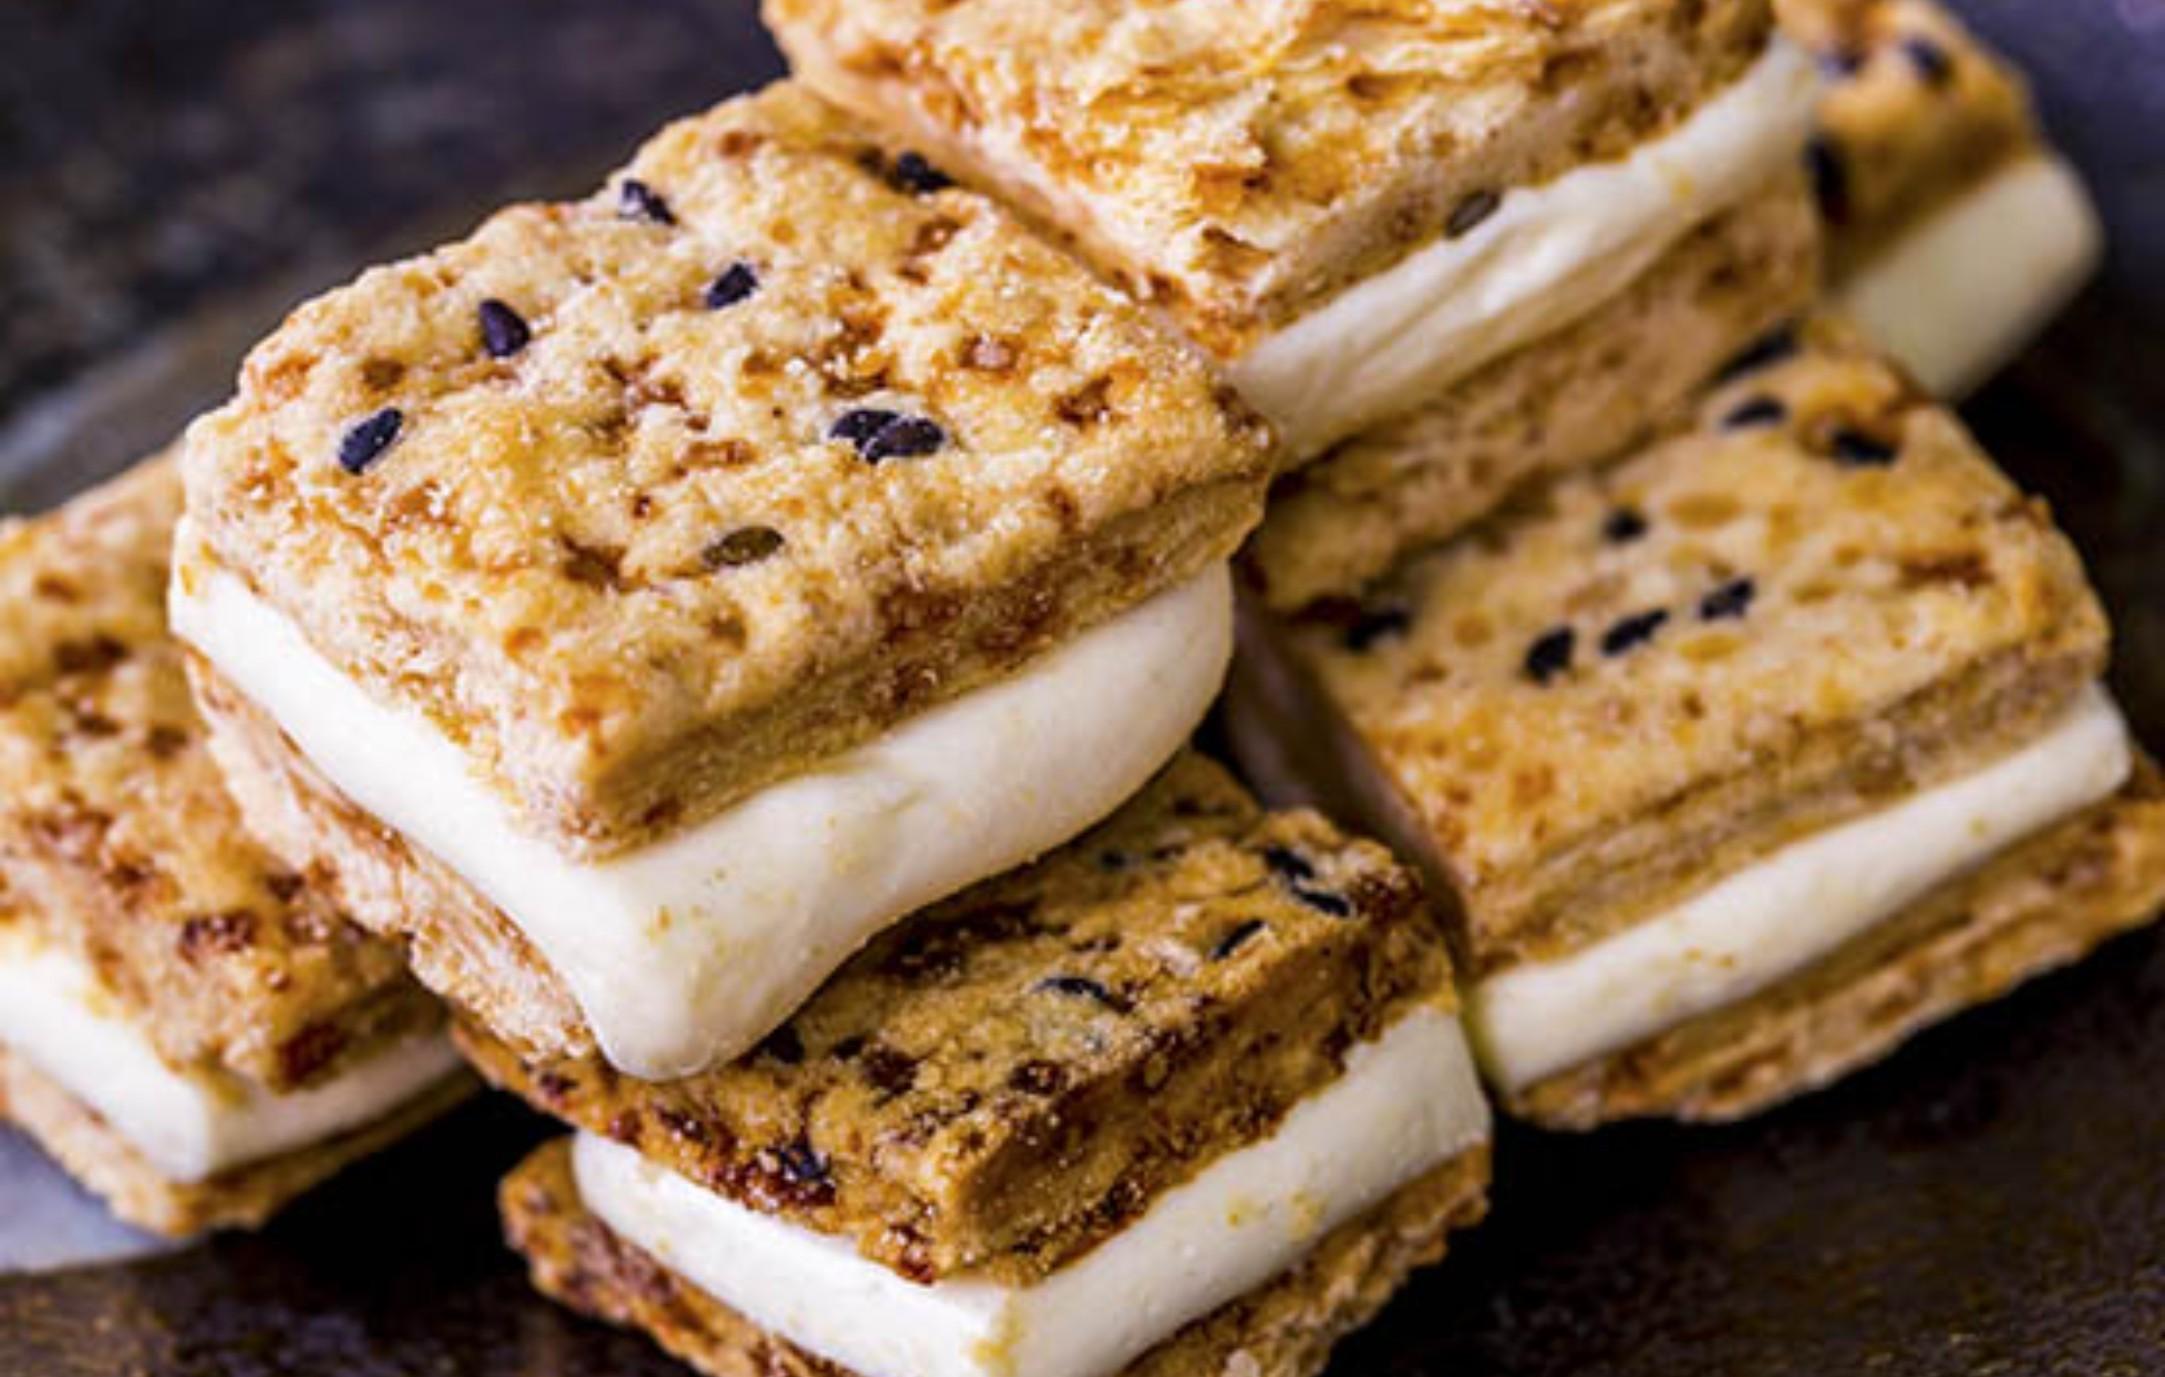 【蘿蒂烘焙坊】爆漿牛軋糖方塊一口酥 (低糖/低熱量)/4包免運組(即日滿20包送1包)(可備註加購手提紙袋2元)